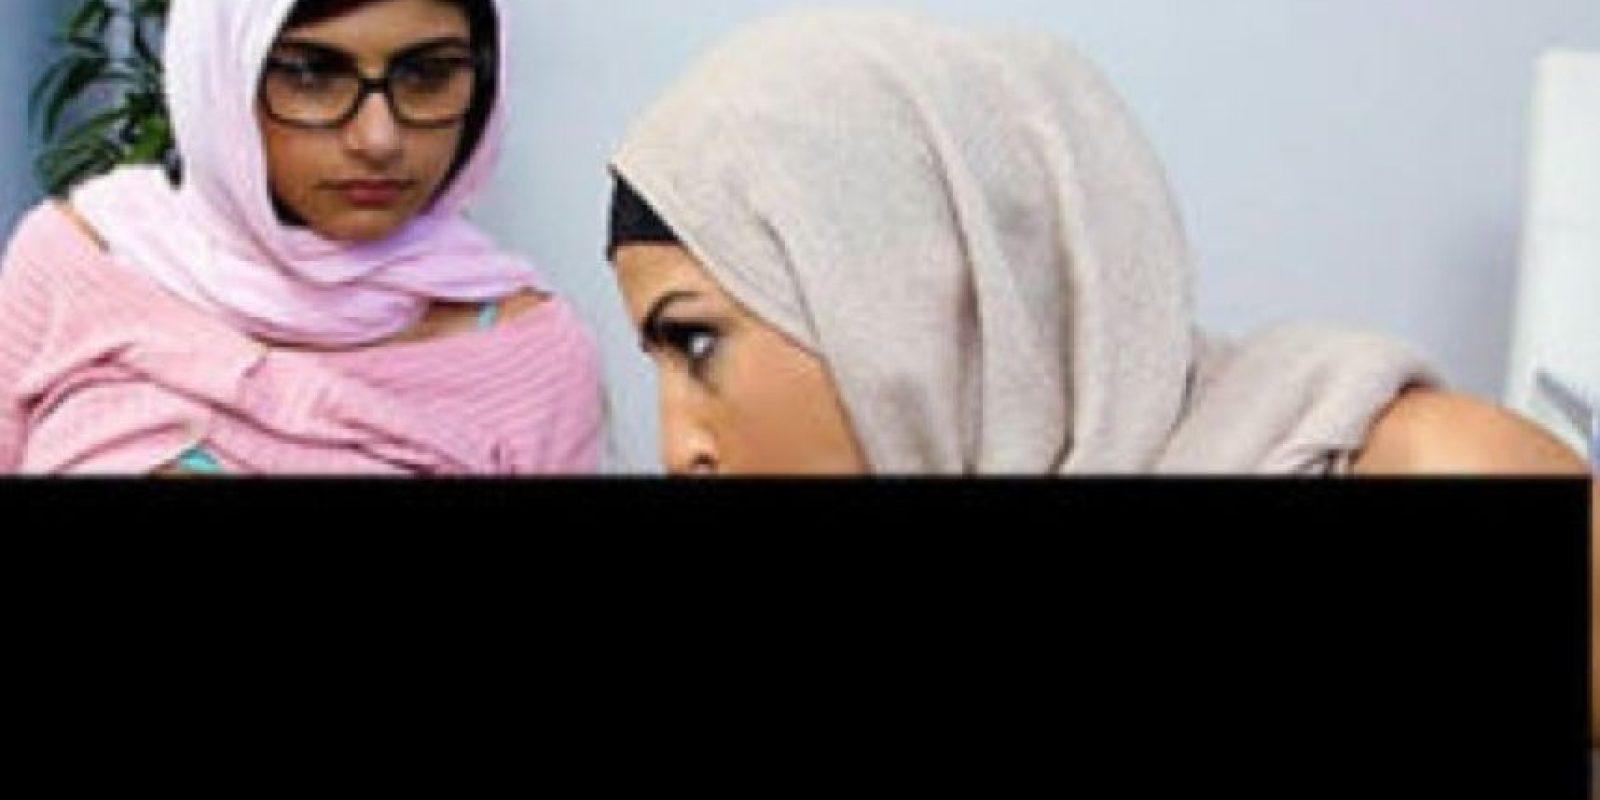 Esta escena es conocida por ellas dos hacer una escena sexual con hijabs. Foto:Brazzers